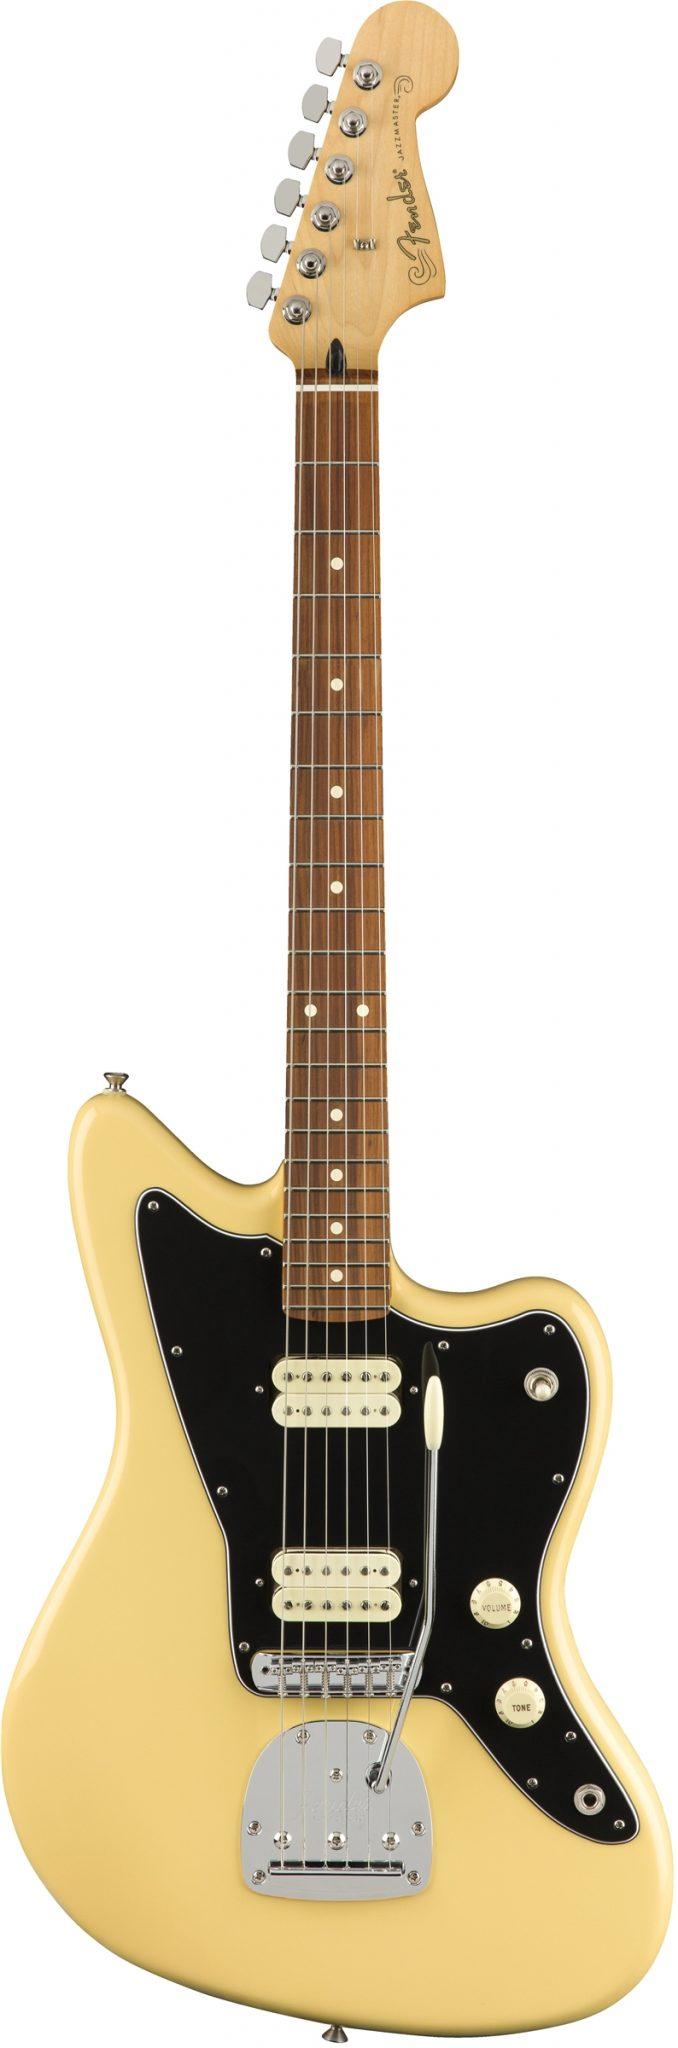 Fender Player Jazzmaster